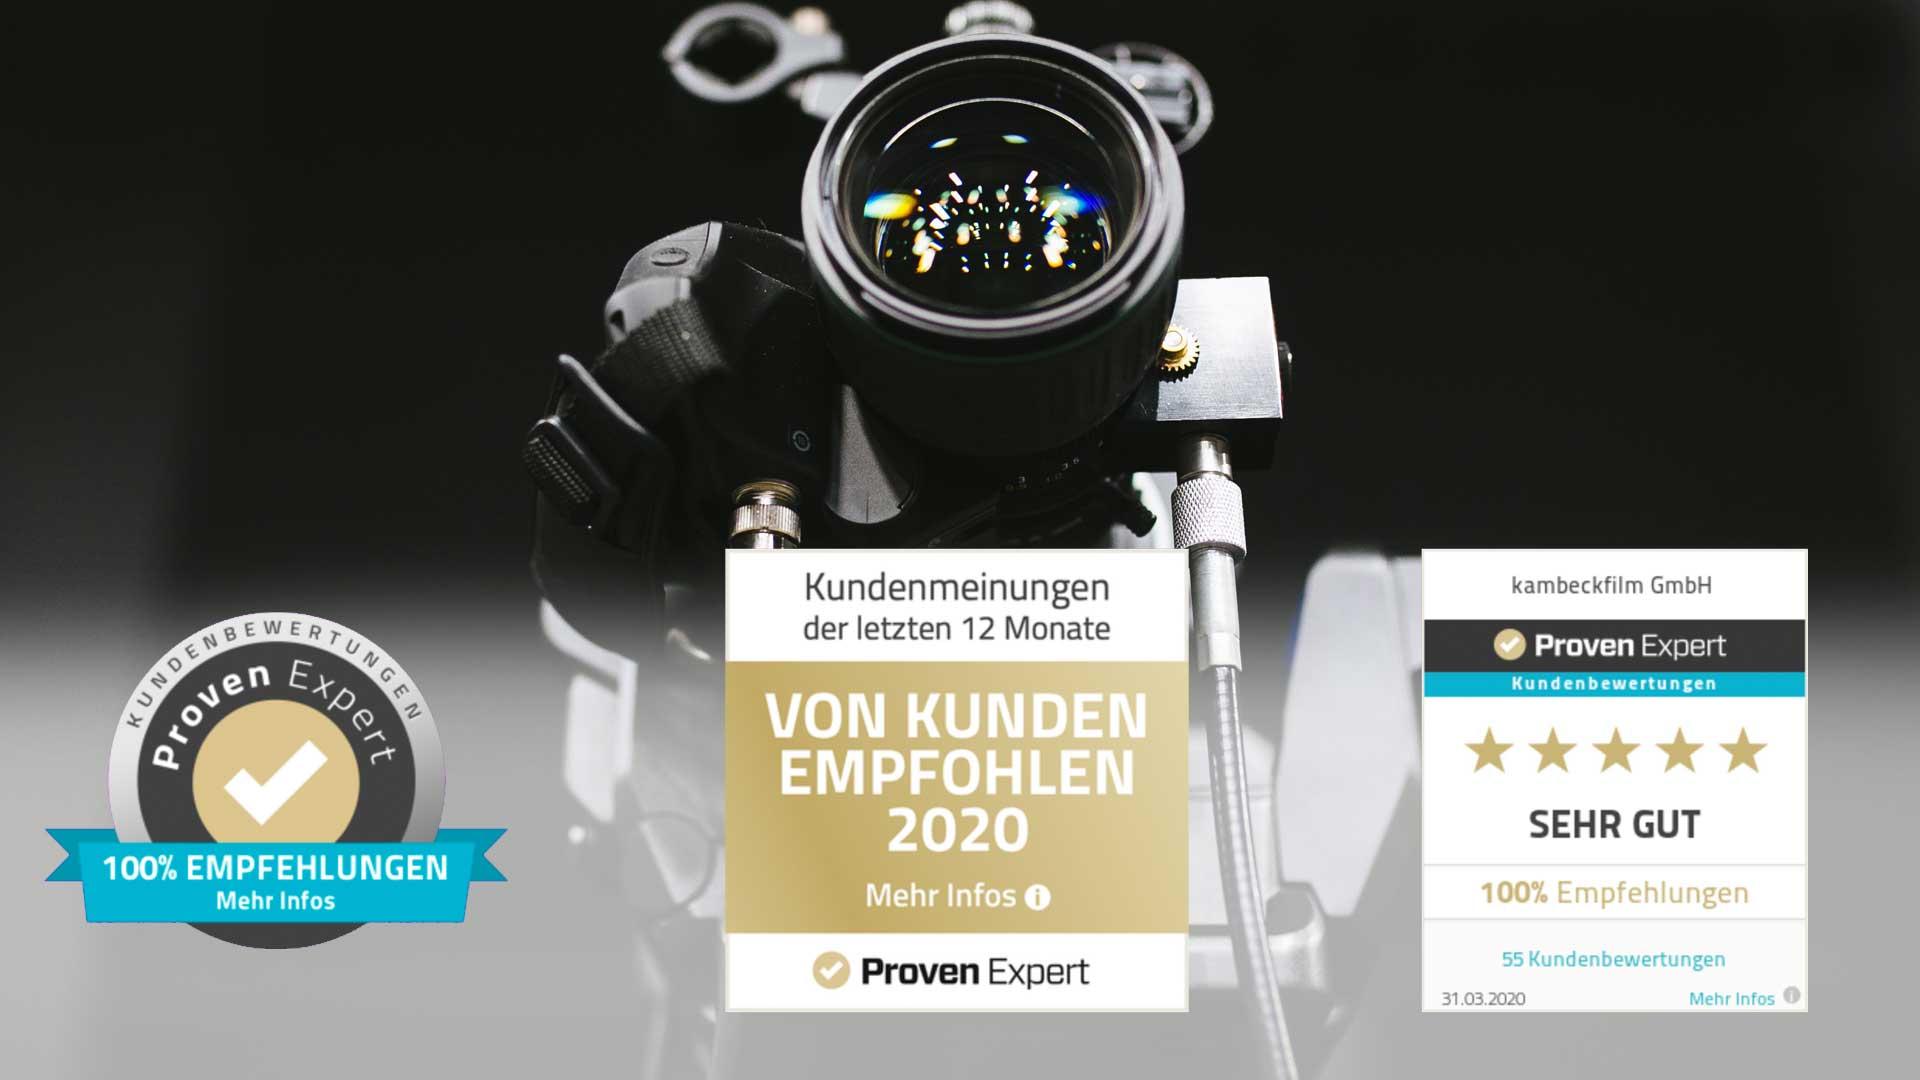 kambeckfilm_von_kunden_Empfohlen_2020